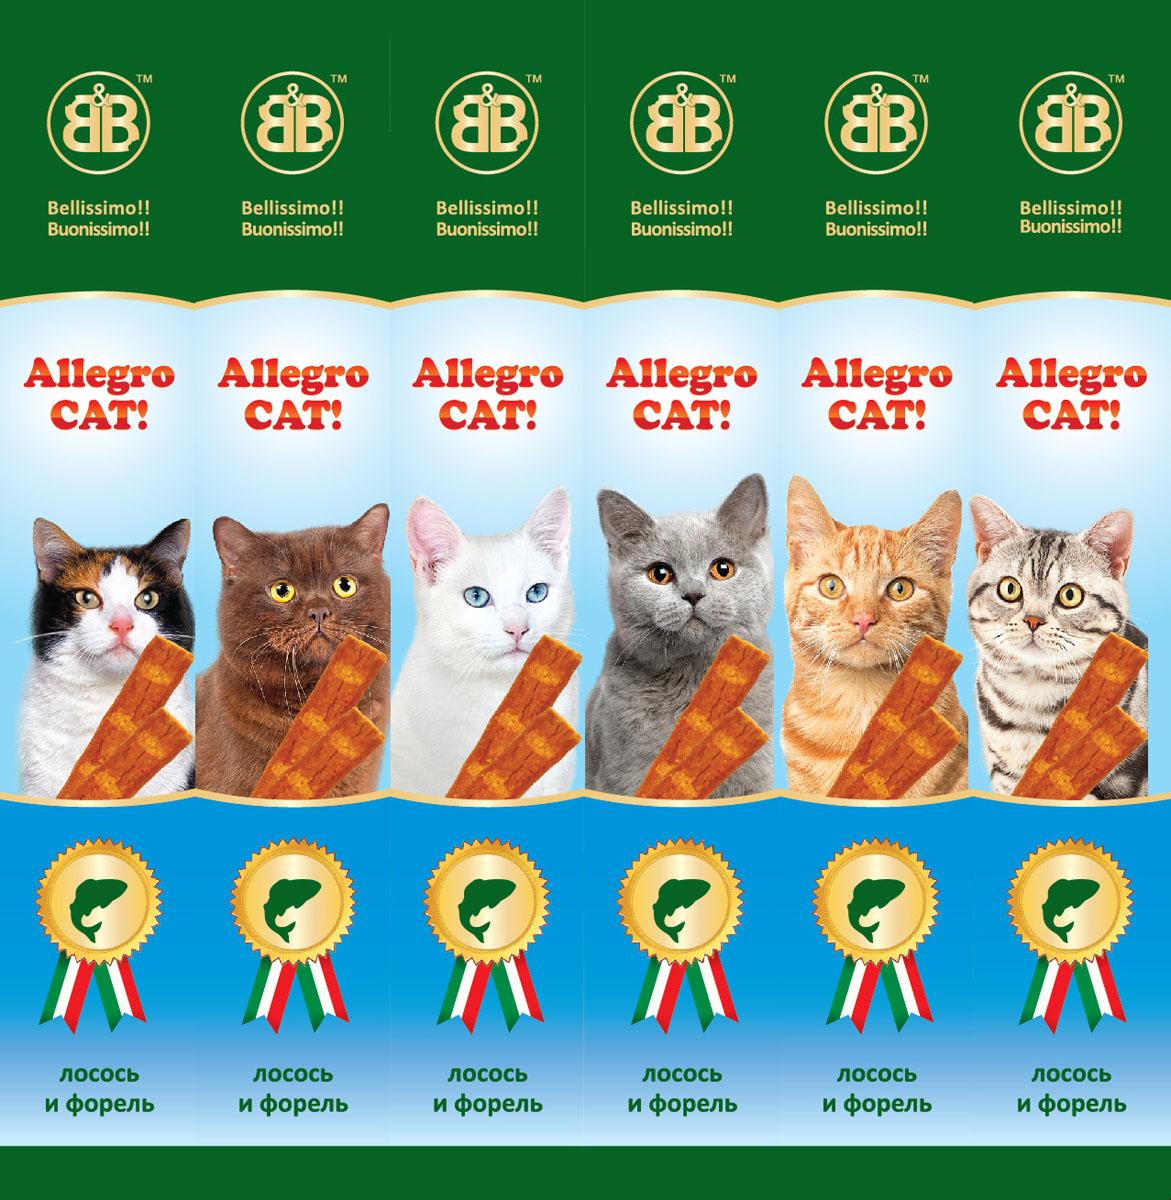 Лакомство для кошек B&B Allegro Cat, мясные колбаски из лосося и форели, 6х5 г36451Колбаски мясные B&B Allegro Cat - это вкусное и здоровое угощение, которое придется по вкусу даже самому капризному любимцу. Специальная герметичная упаковка сохранит лакомство вкусным в течение долгого времени. Состав: мясо и продукты животного происхождения ( минимум 95%: из которых 5% форель, 5% лосось), минеральные соли. Пищевая ценность: протеин 33,5%, жиры 20%, зола 9%, клетчатка -2%, влажность -28%.Количество колбасок в упаковке: 6 шт. Вес одной колбаски: 5 г. Товар сертифицирован.